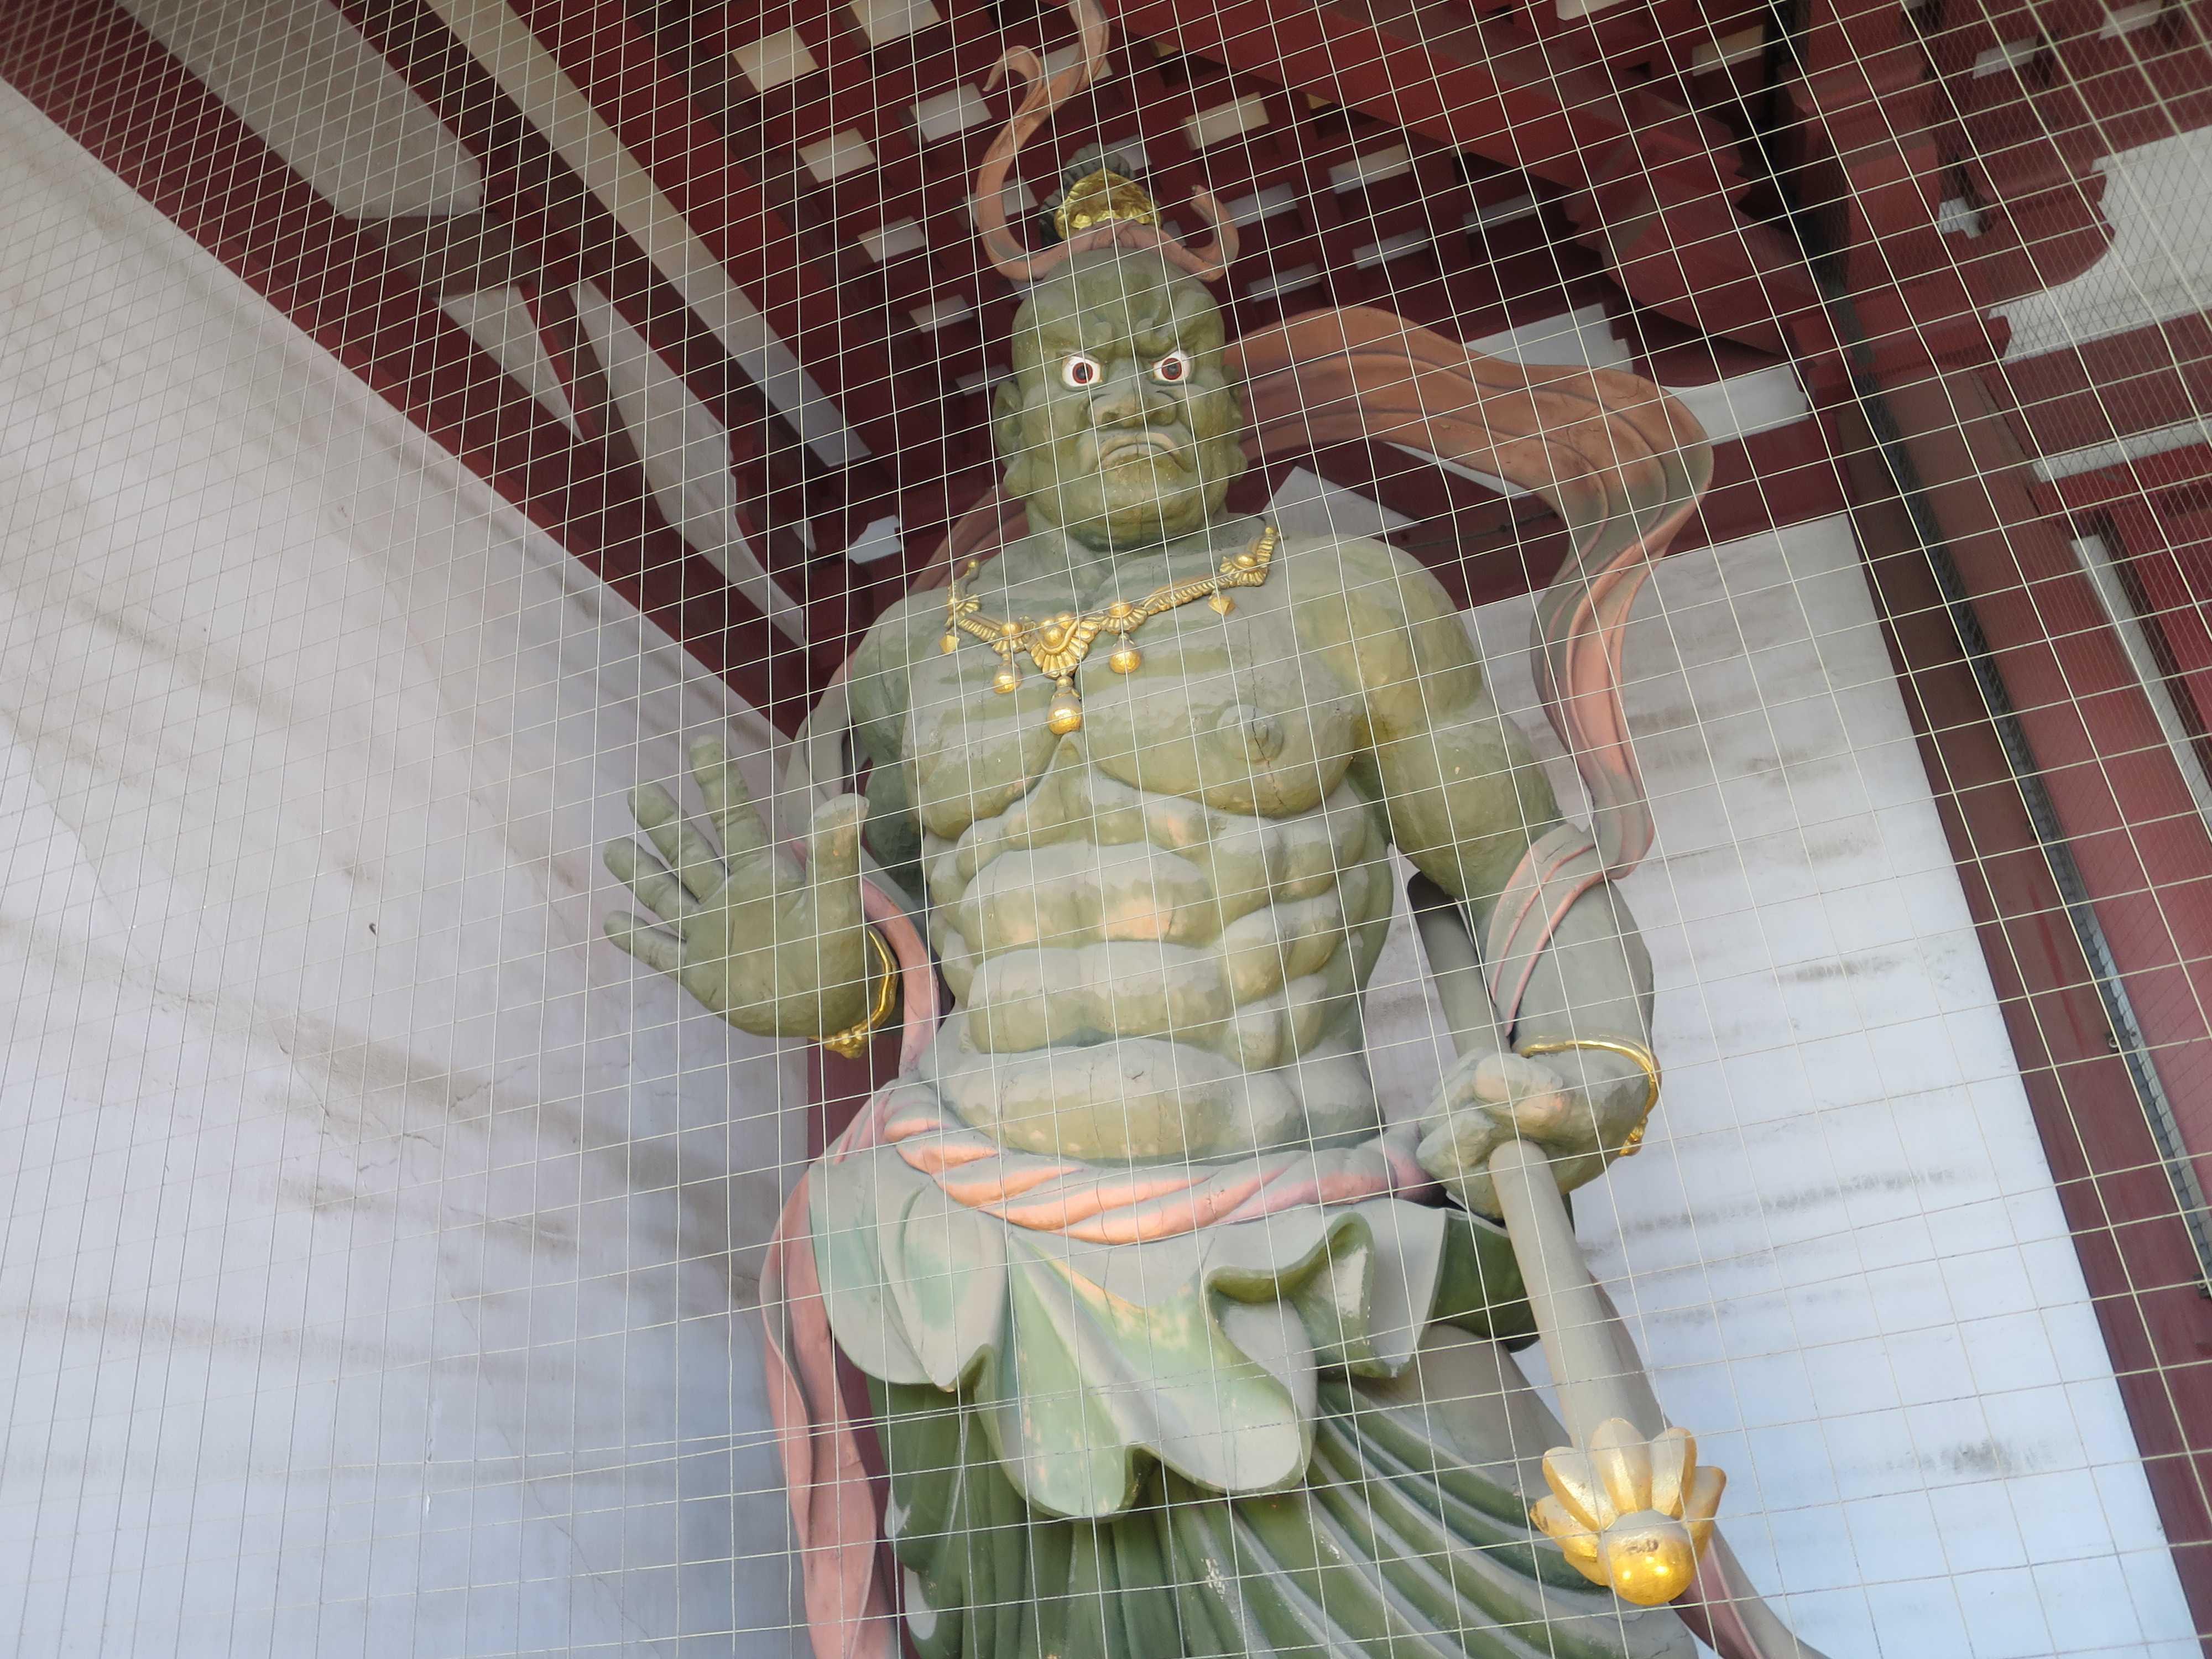 仁王門の吽形(うんぎょう/口を閉じている仁王像)